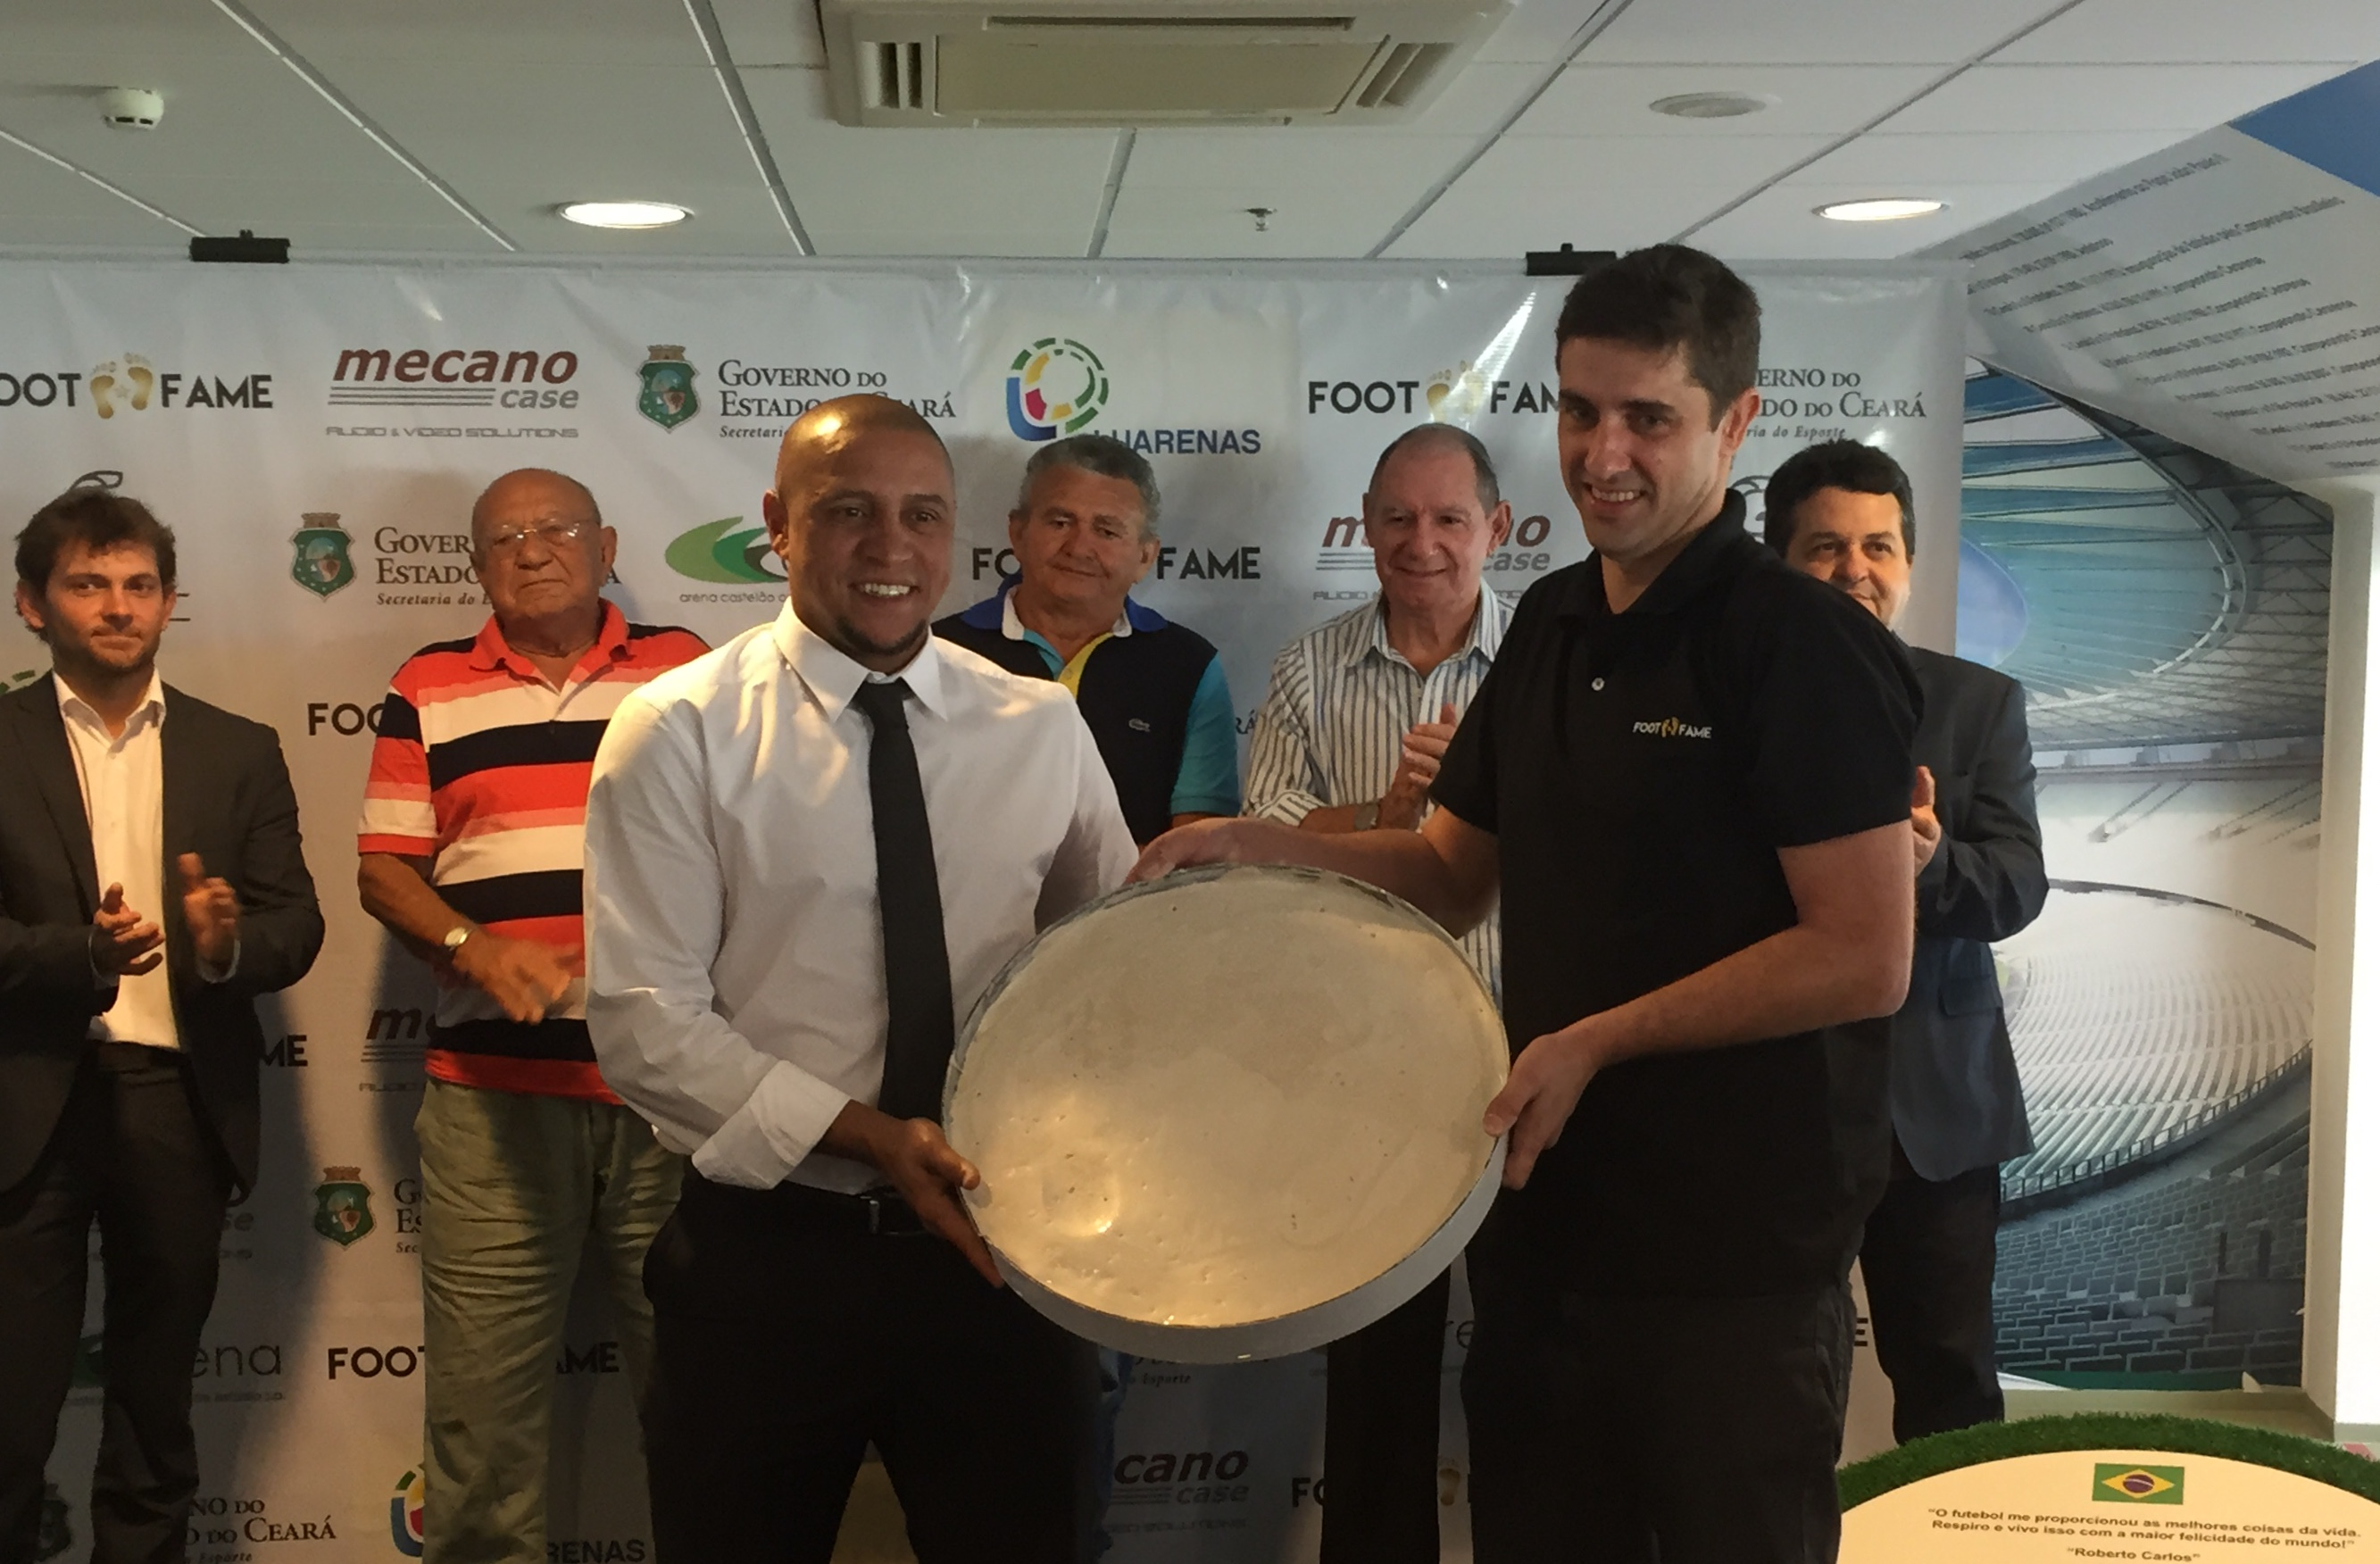 Roberto Carlos agora é mais um integrante da calçada da fama da Arena Castelão (Foto: Lucas Catrib)